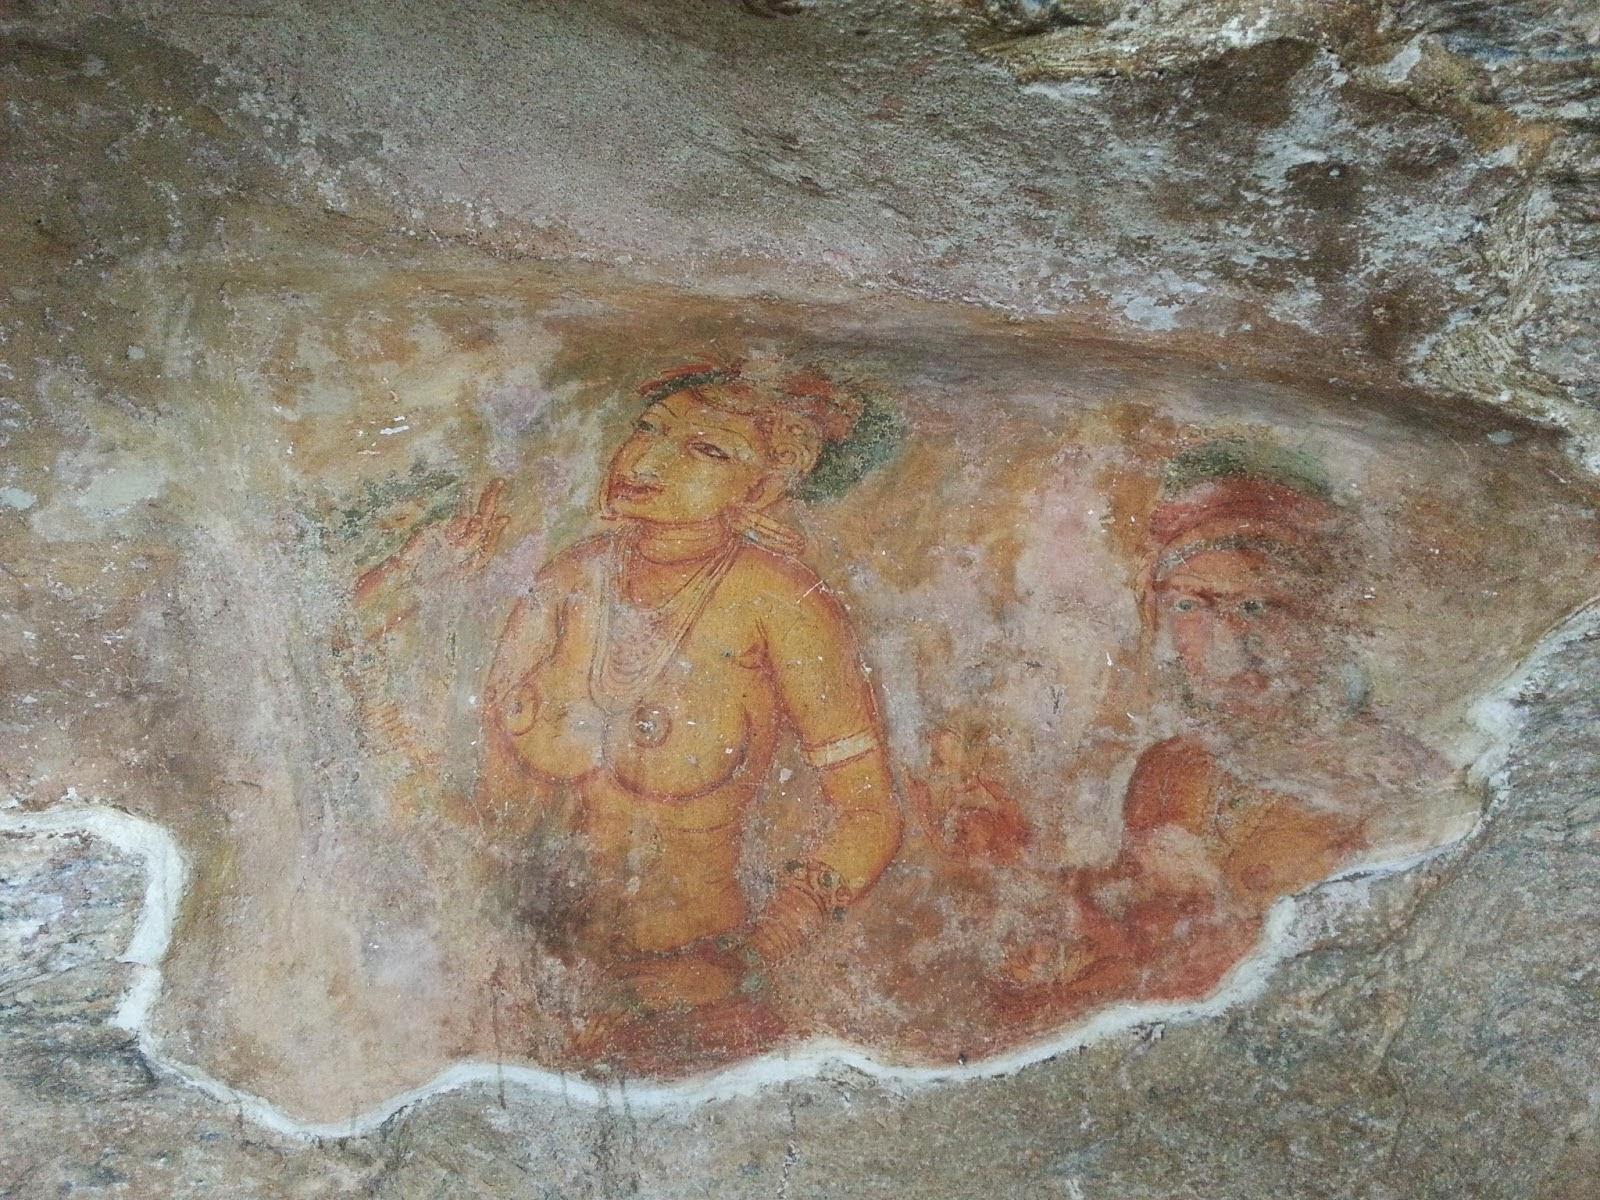 Фрески покрывают западную стену скалы, рисунки женщин обнаженной грудью, удивительное искусство древней Сигирии